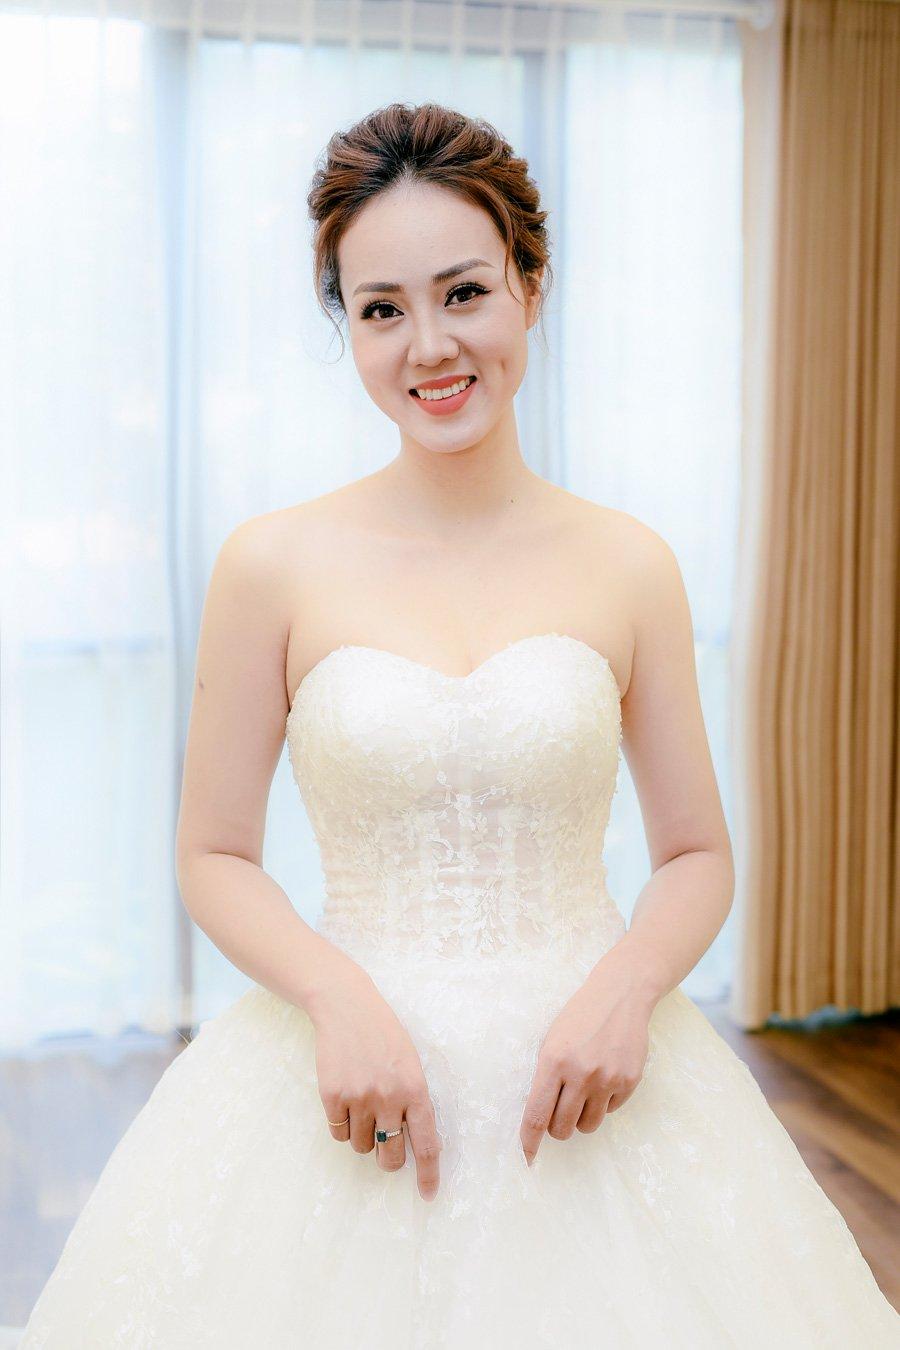 Bạn gái Công Lý đi chụp ảnh váy cưới, dân mạng xôn xao mong đợi tin vui - Ảnh 7